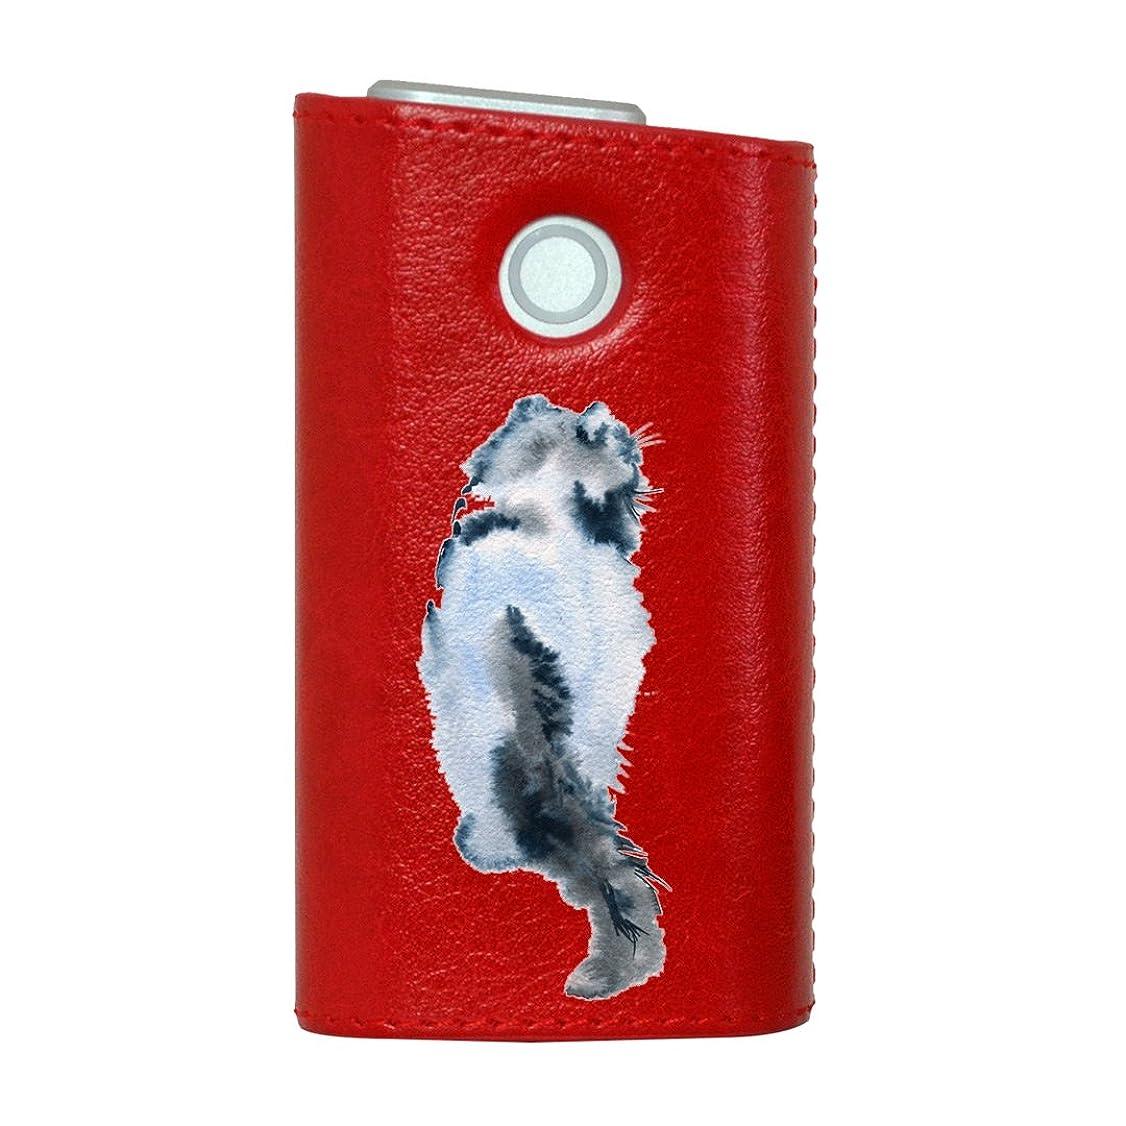 あざ肘掛け椅子詐欺glo グロー グロウ 専用 レザーケース レザーカバー タバコ ケース カバー 合皮 ハードケース カバー 収納 デザイン 革 皮 RED レッド 猫 後ろ姿 動物 014787